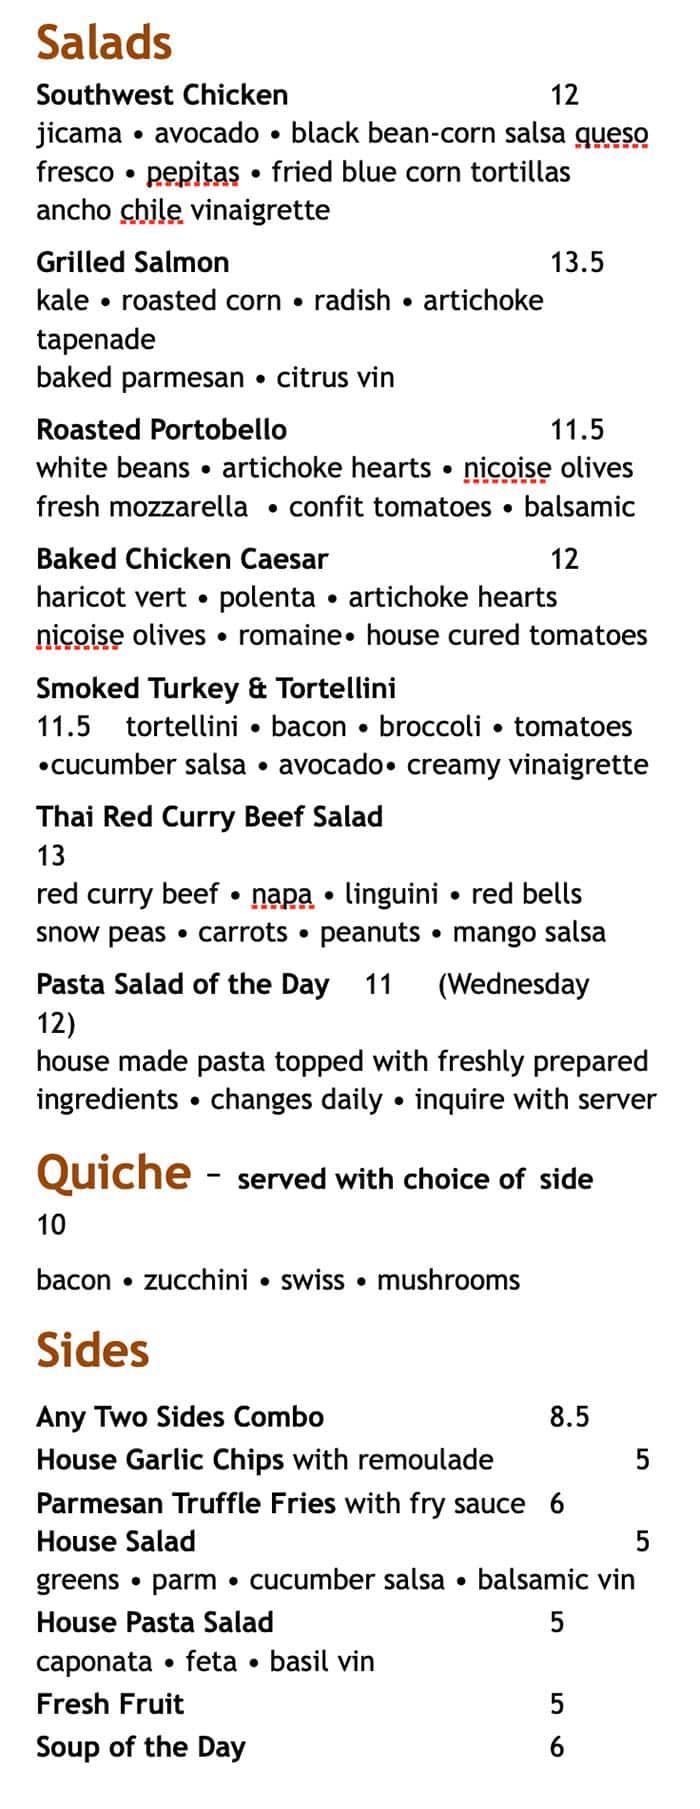 Martine Cafe lunch menu - salads, quiche, sides